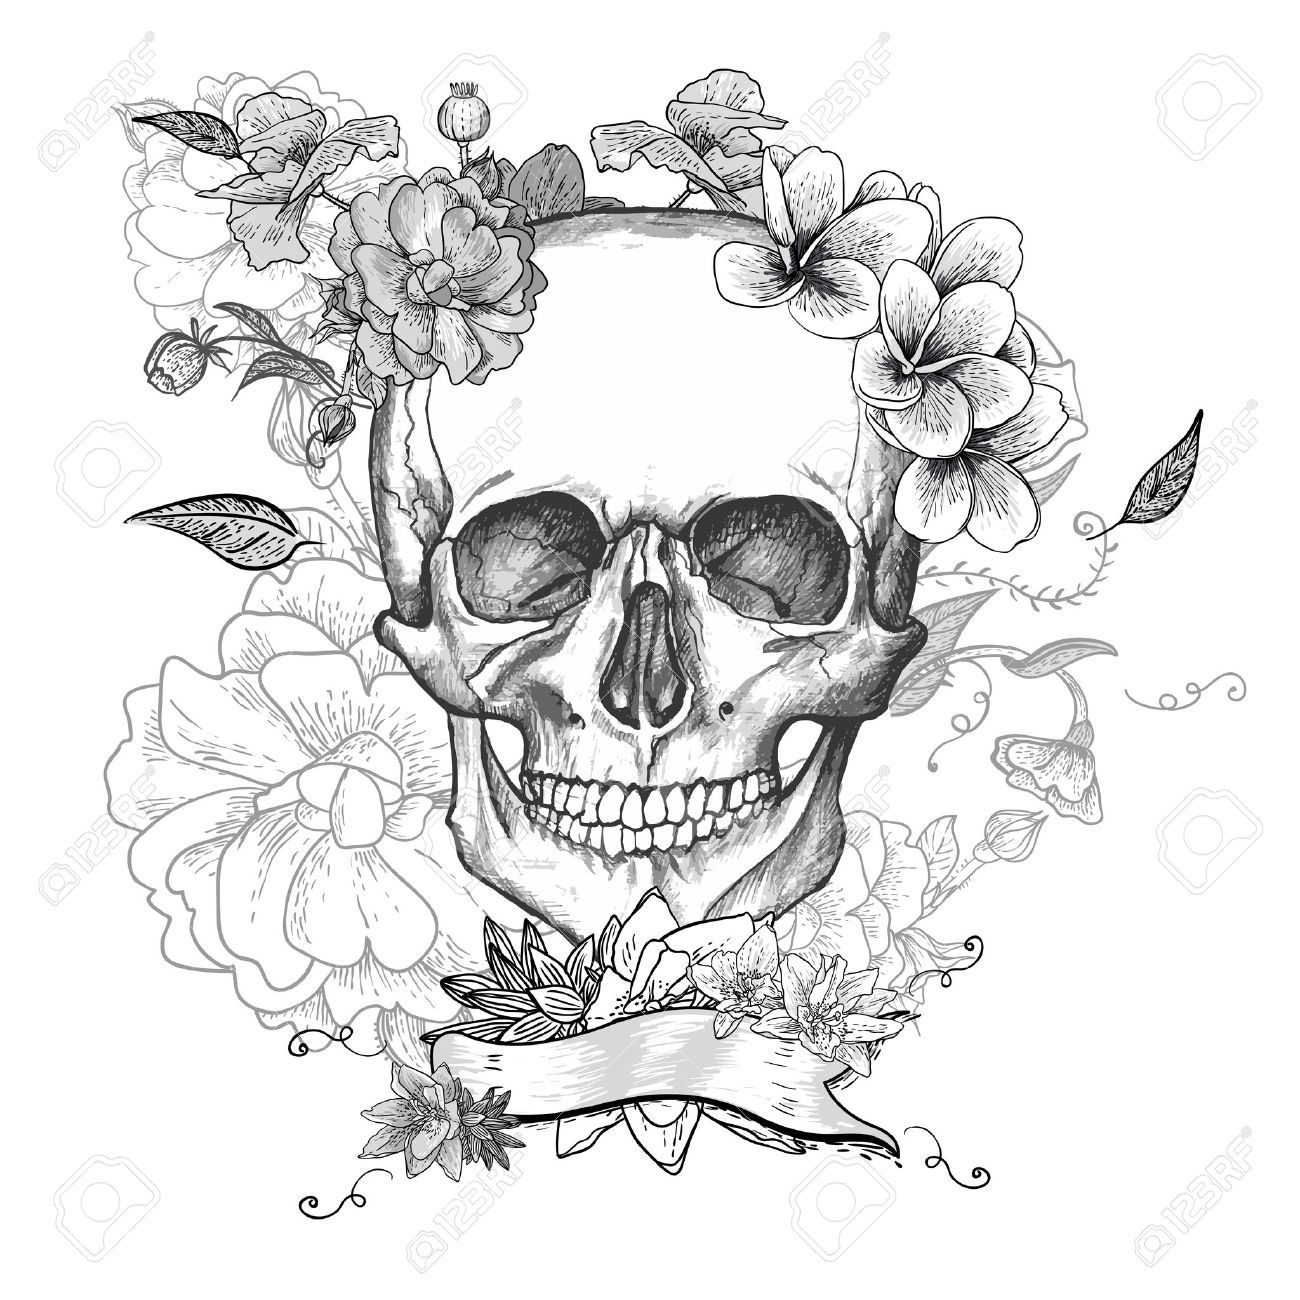 Эскиз тату черепа с цветами